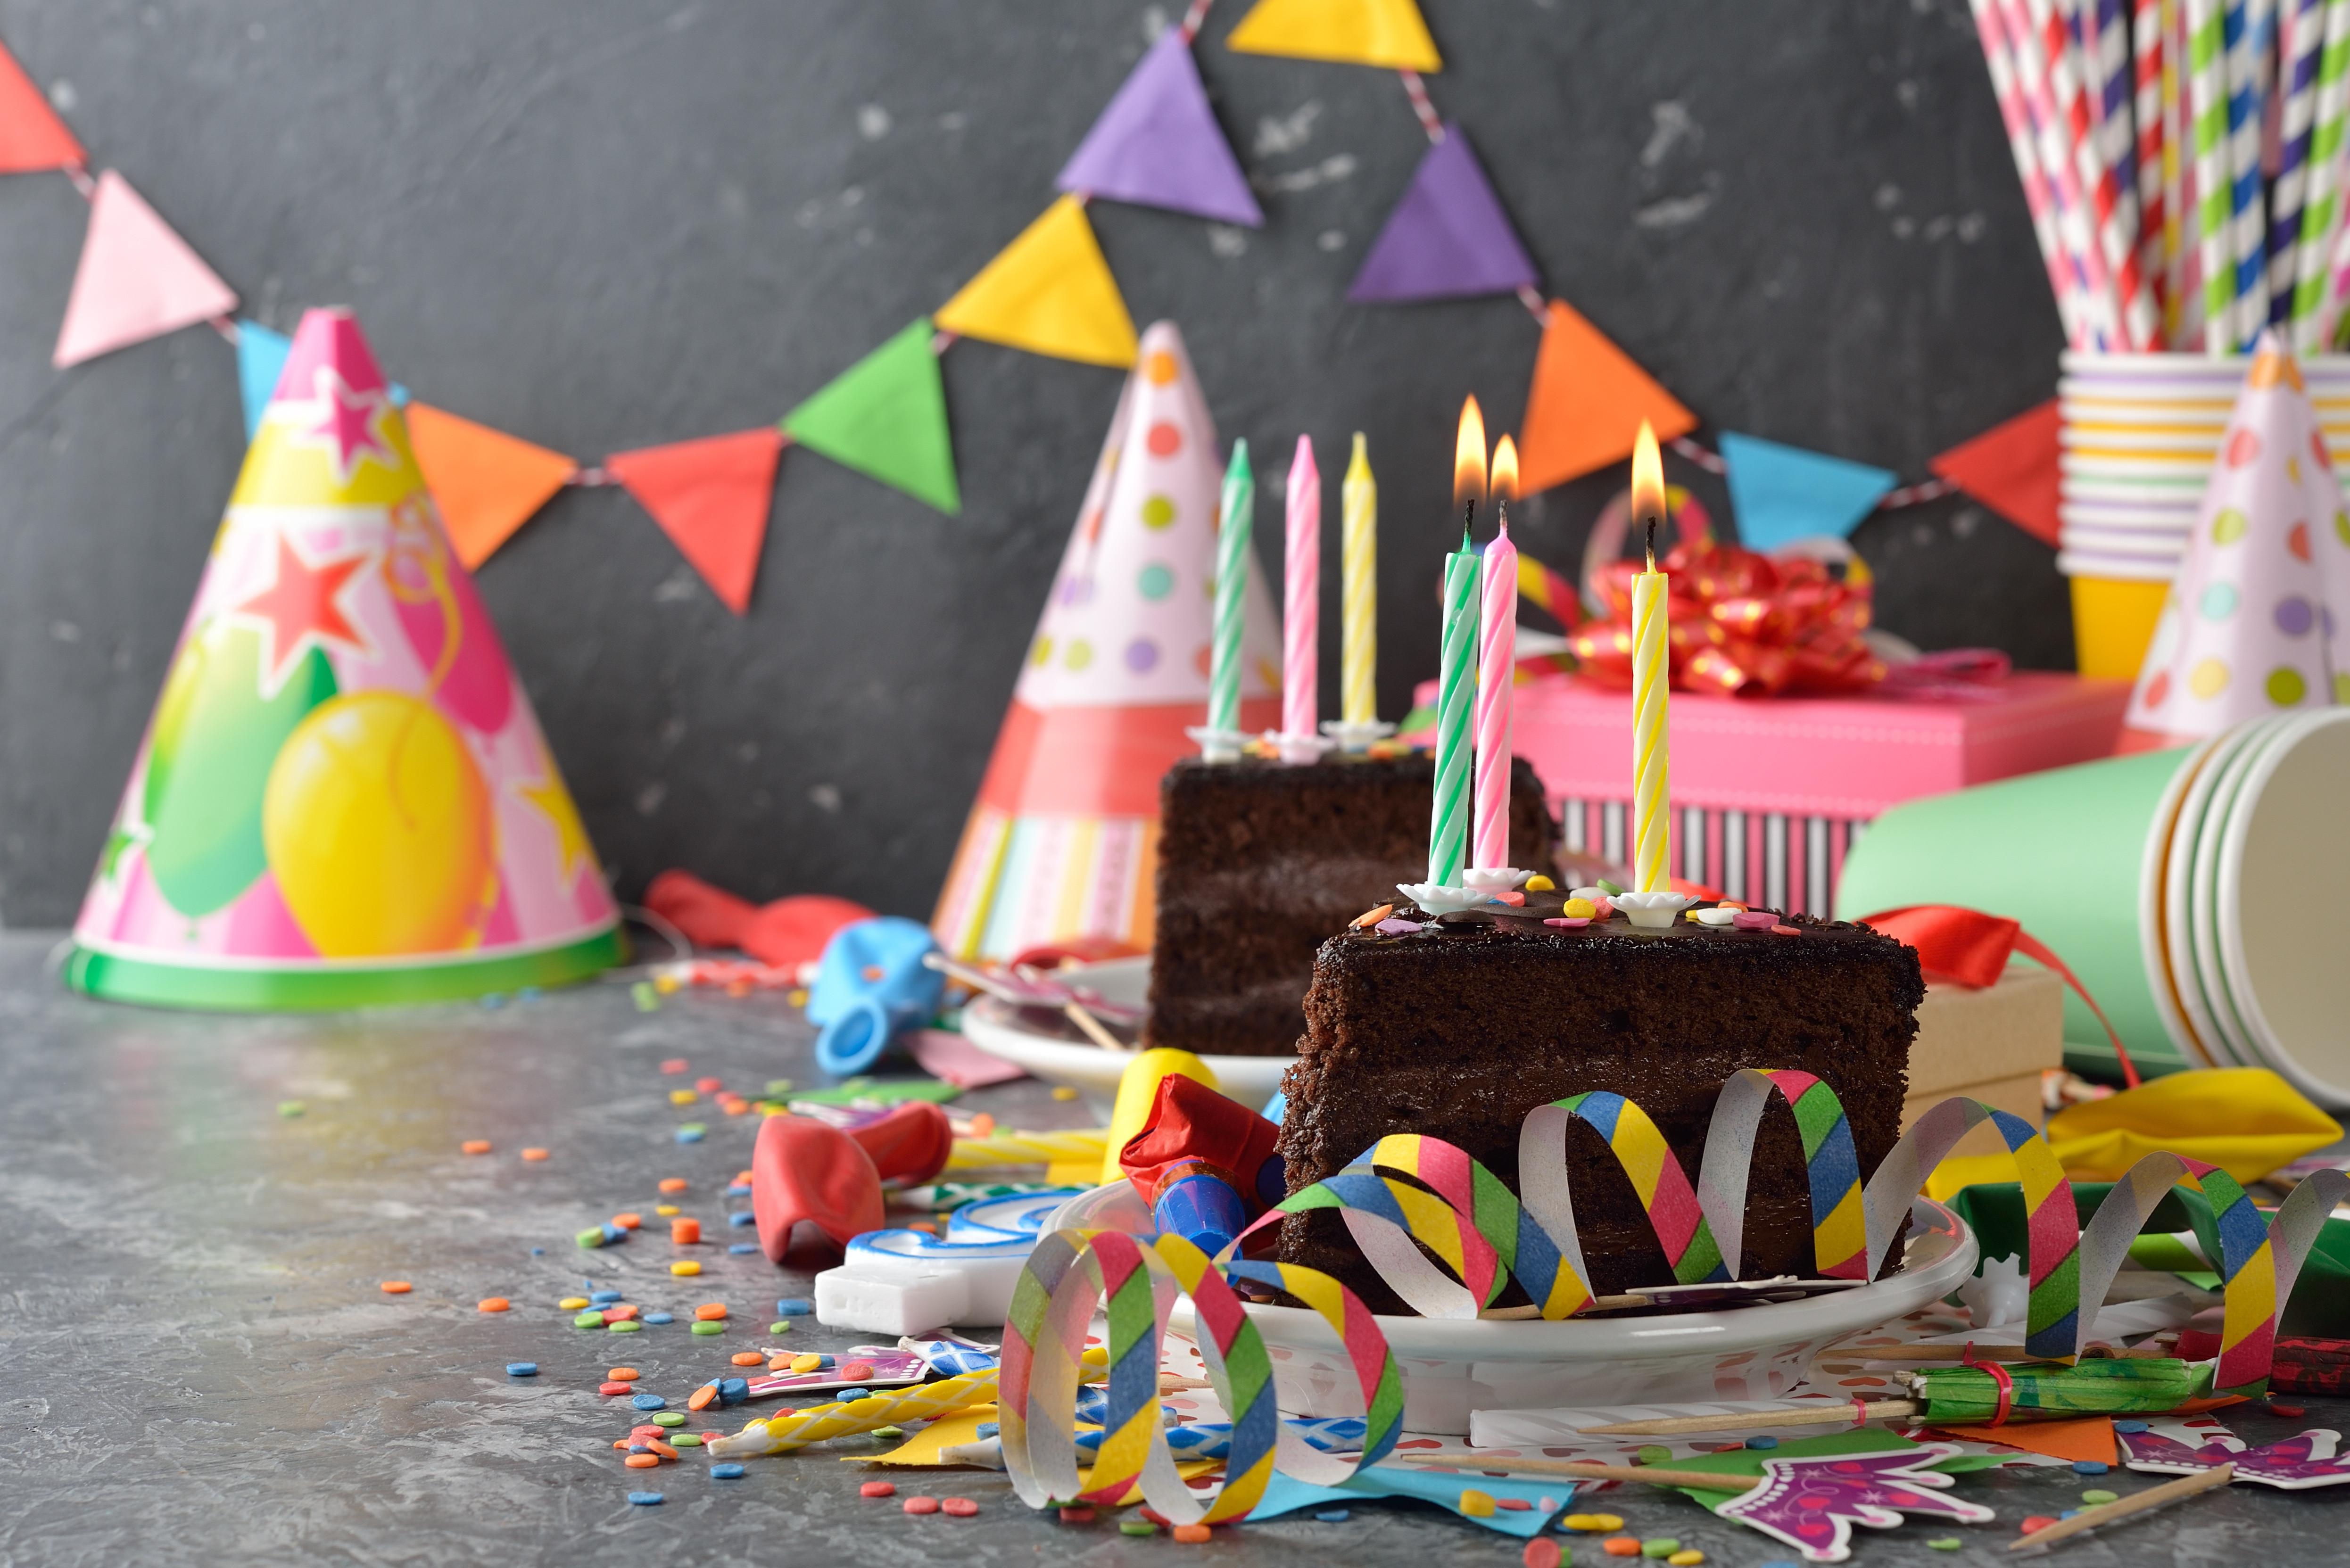 Children's Birthday Party Event